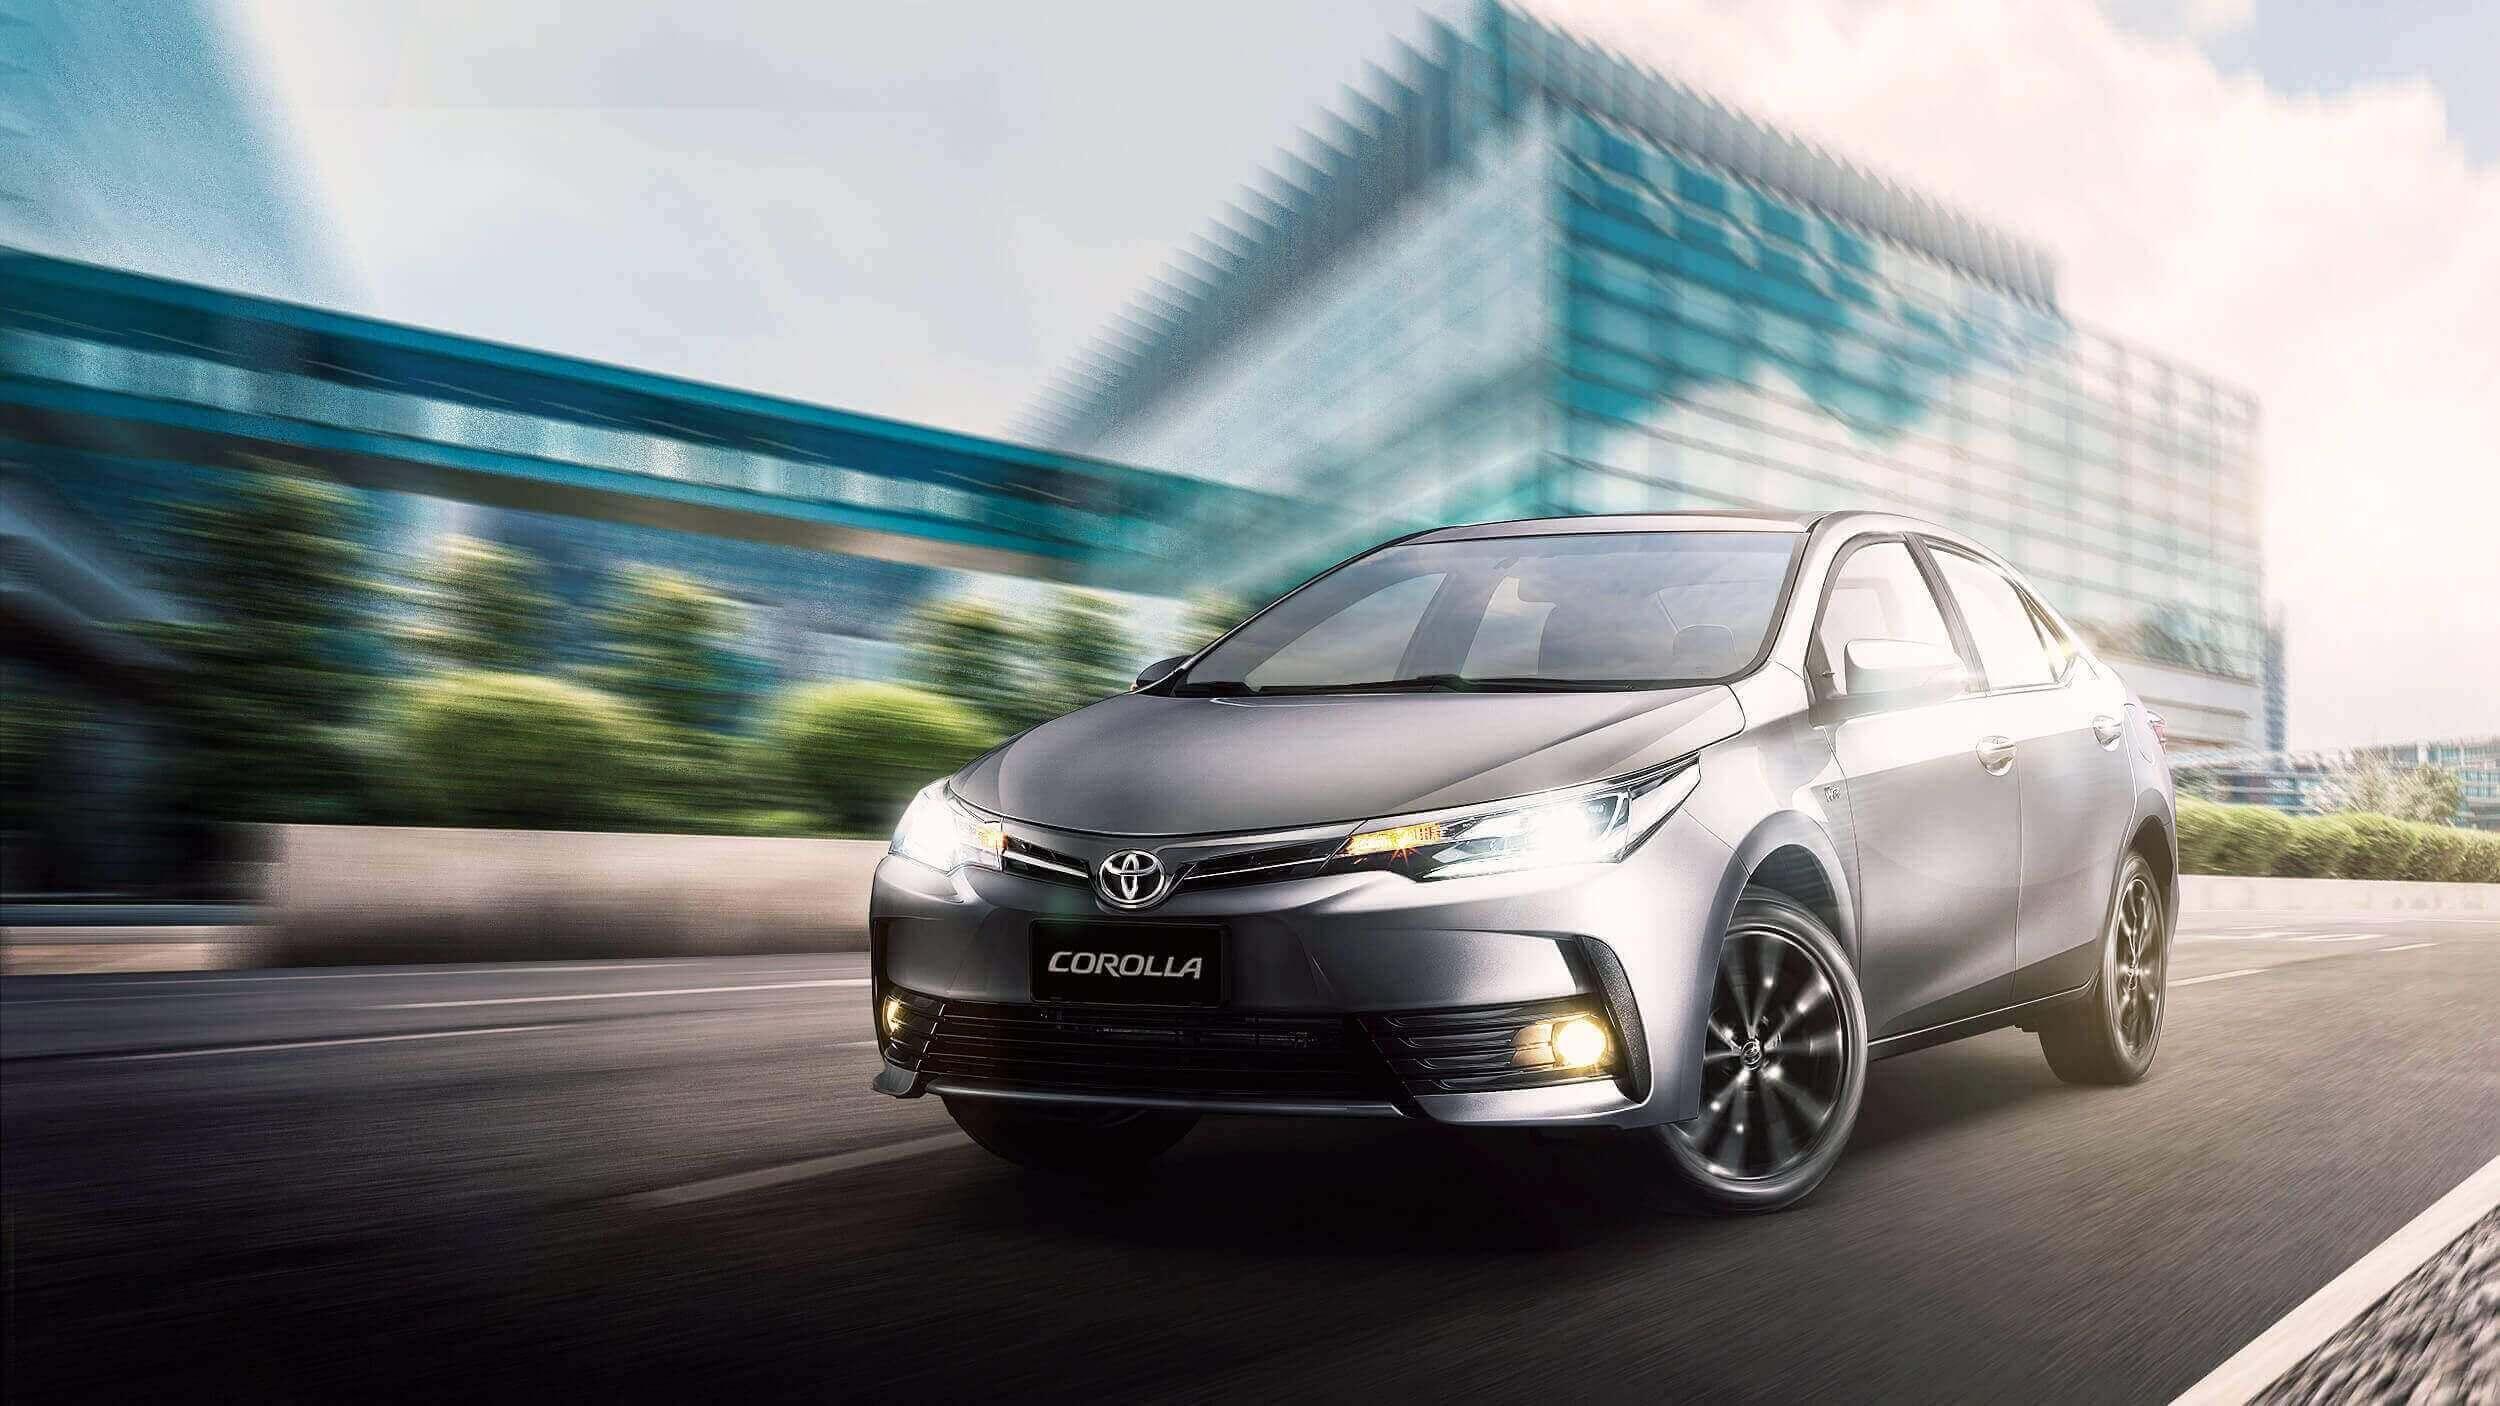 Automóvil Toyota Corolla en una vía